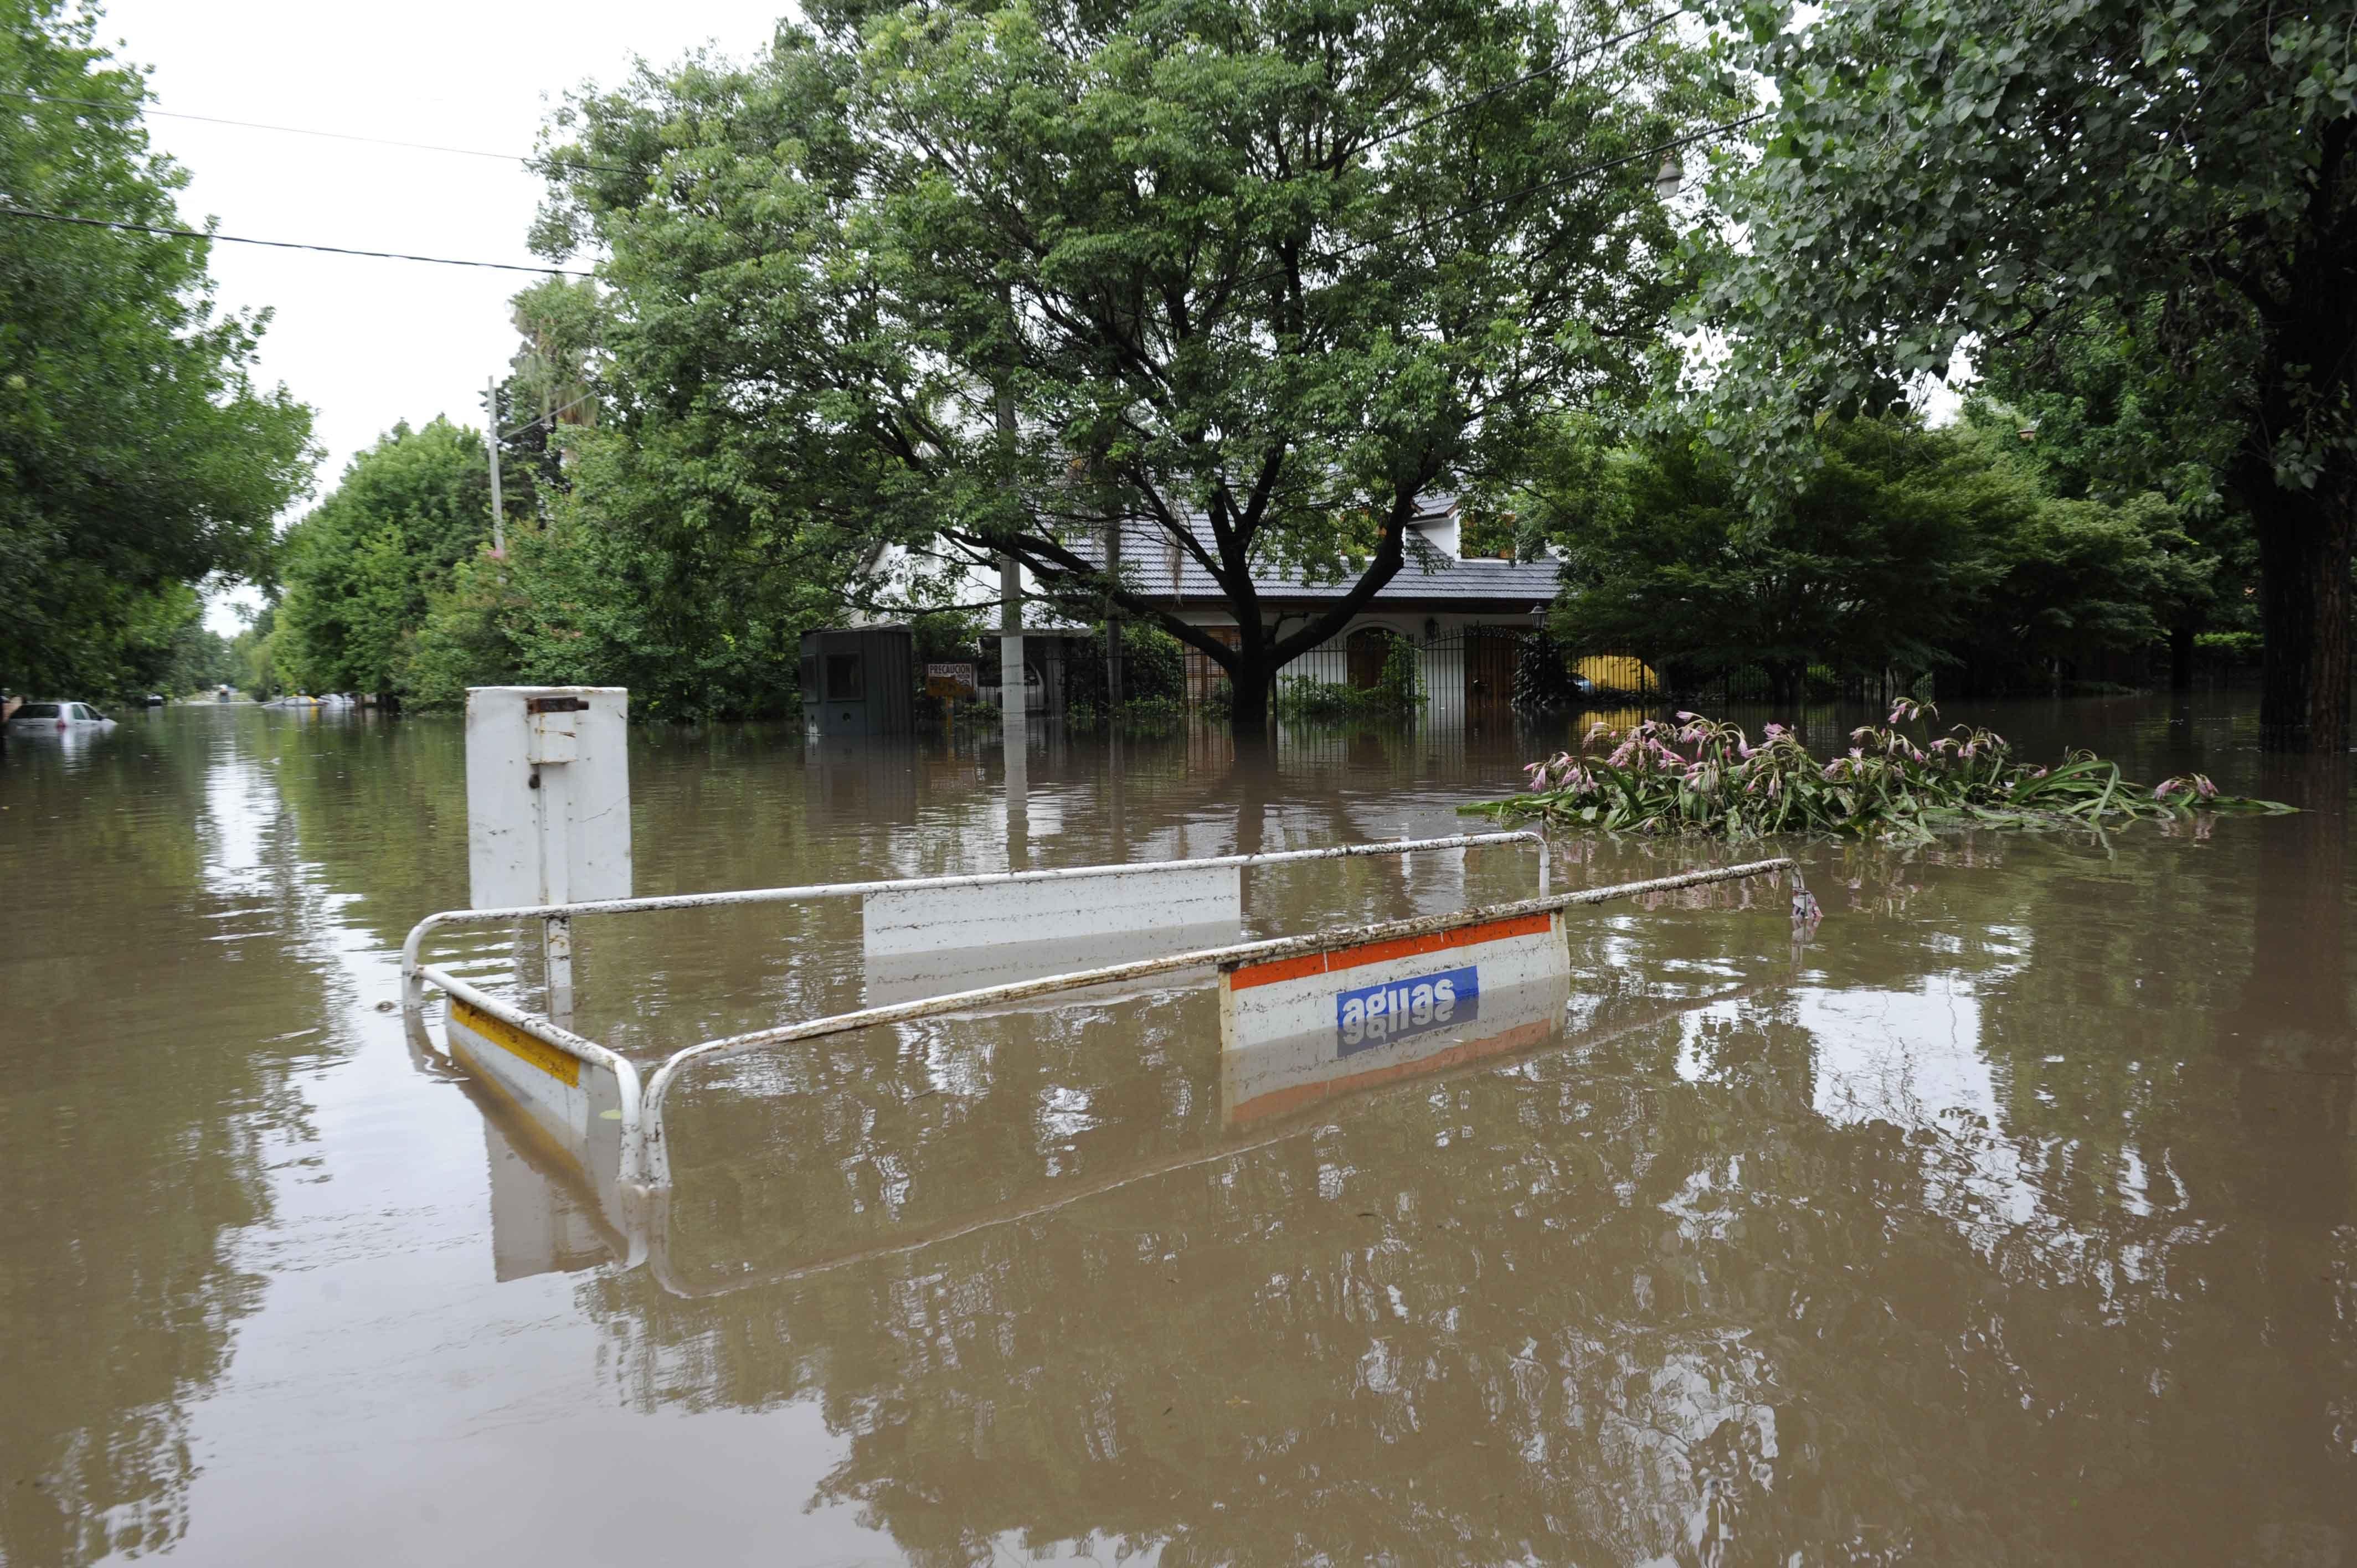 Las calles de Fisherton se convirtieron en corredores de agua como consecuencia del gran temporal de ayer. (Foto: S. Suárez Meccia)